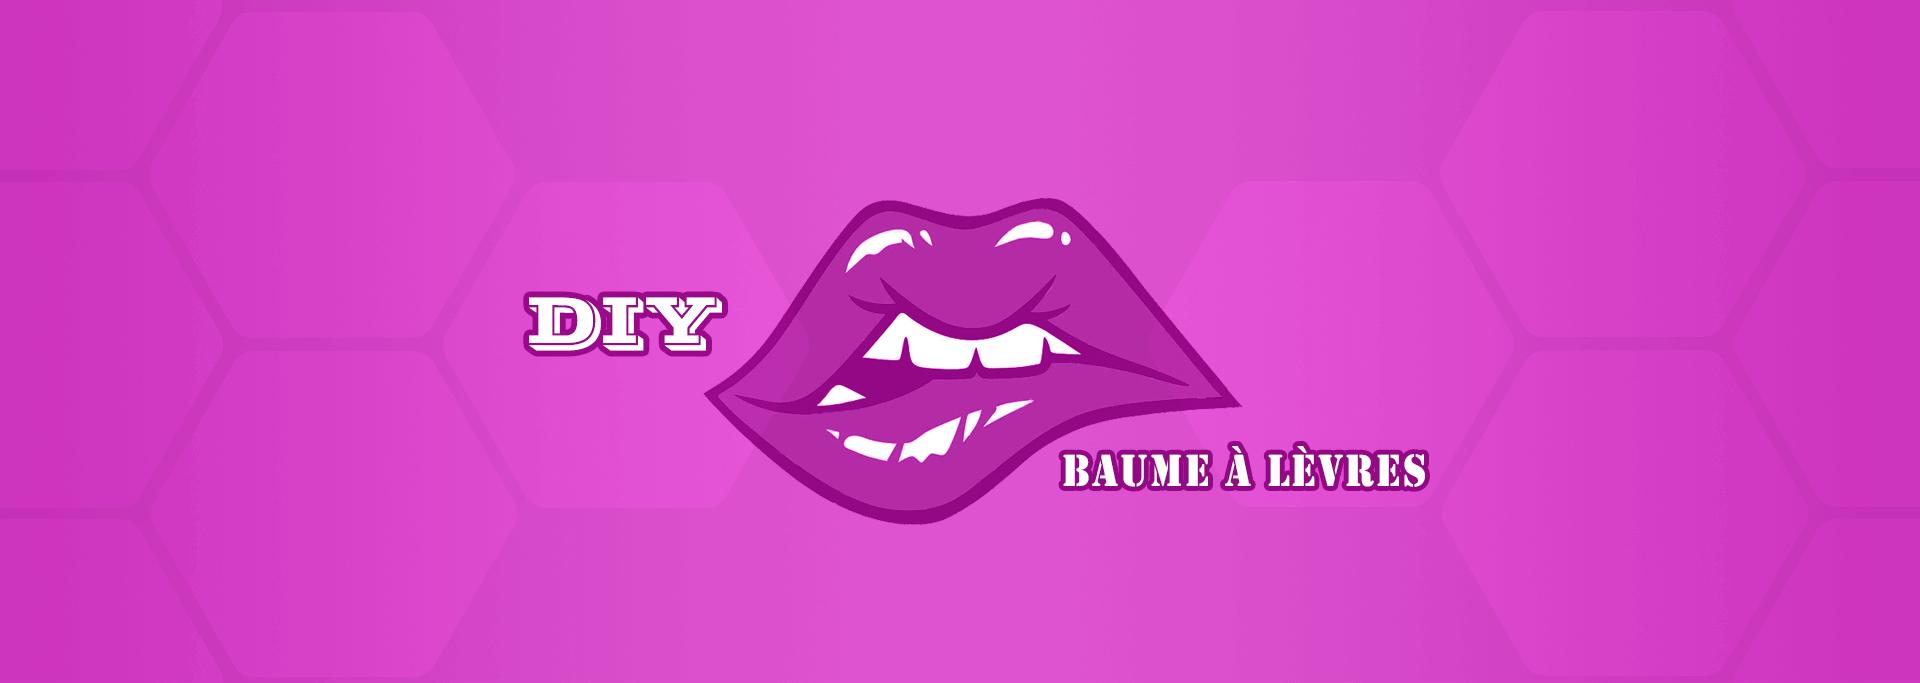 diy baume à lèvres